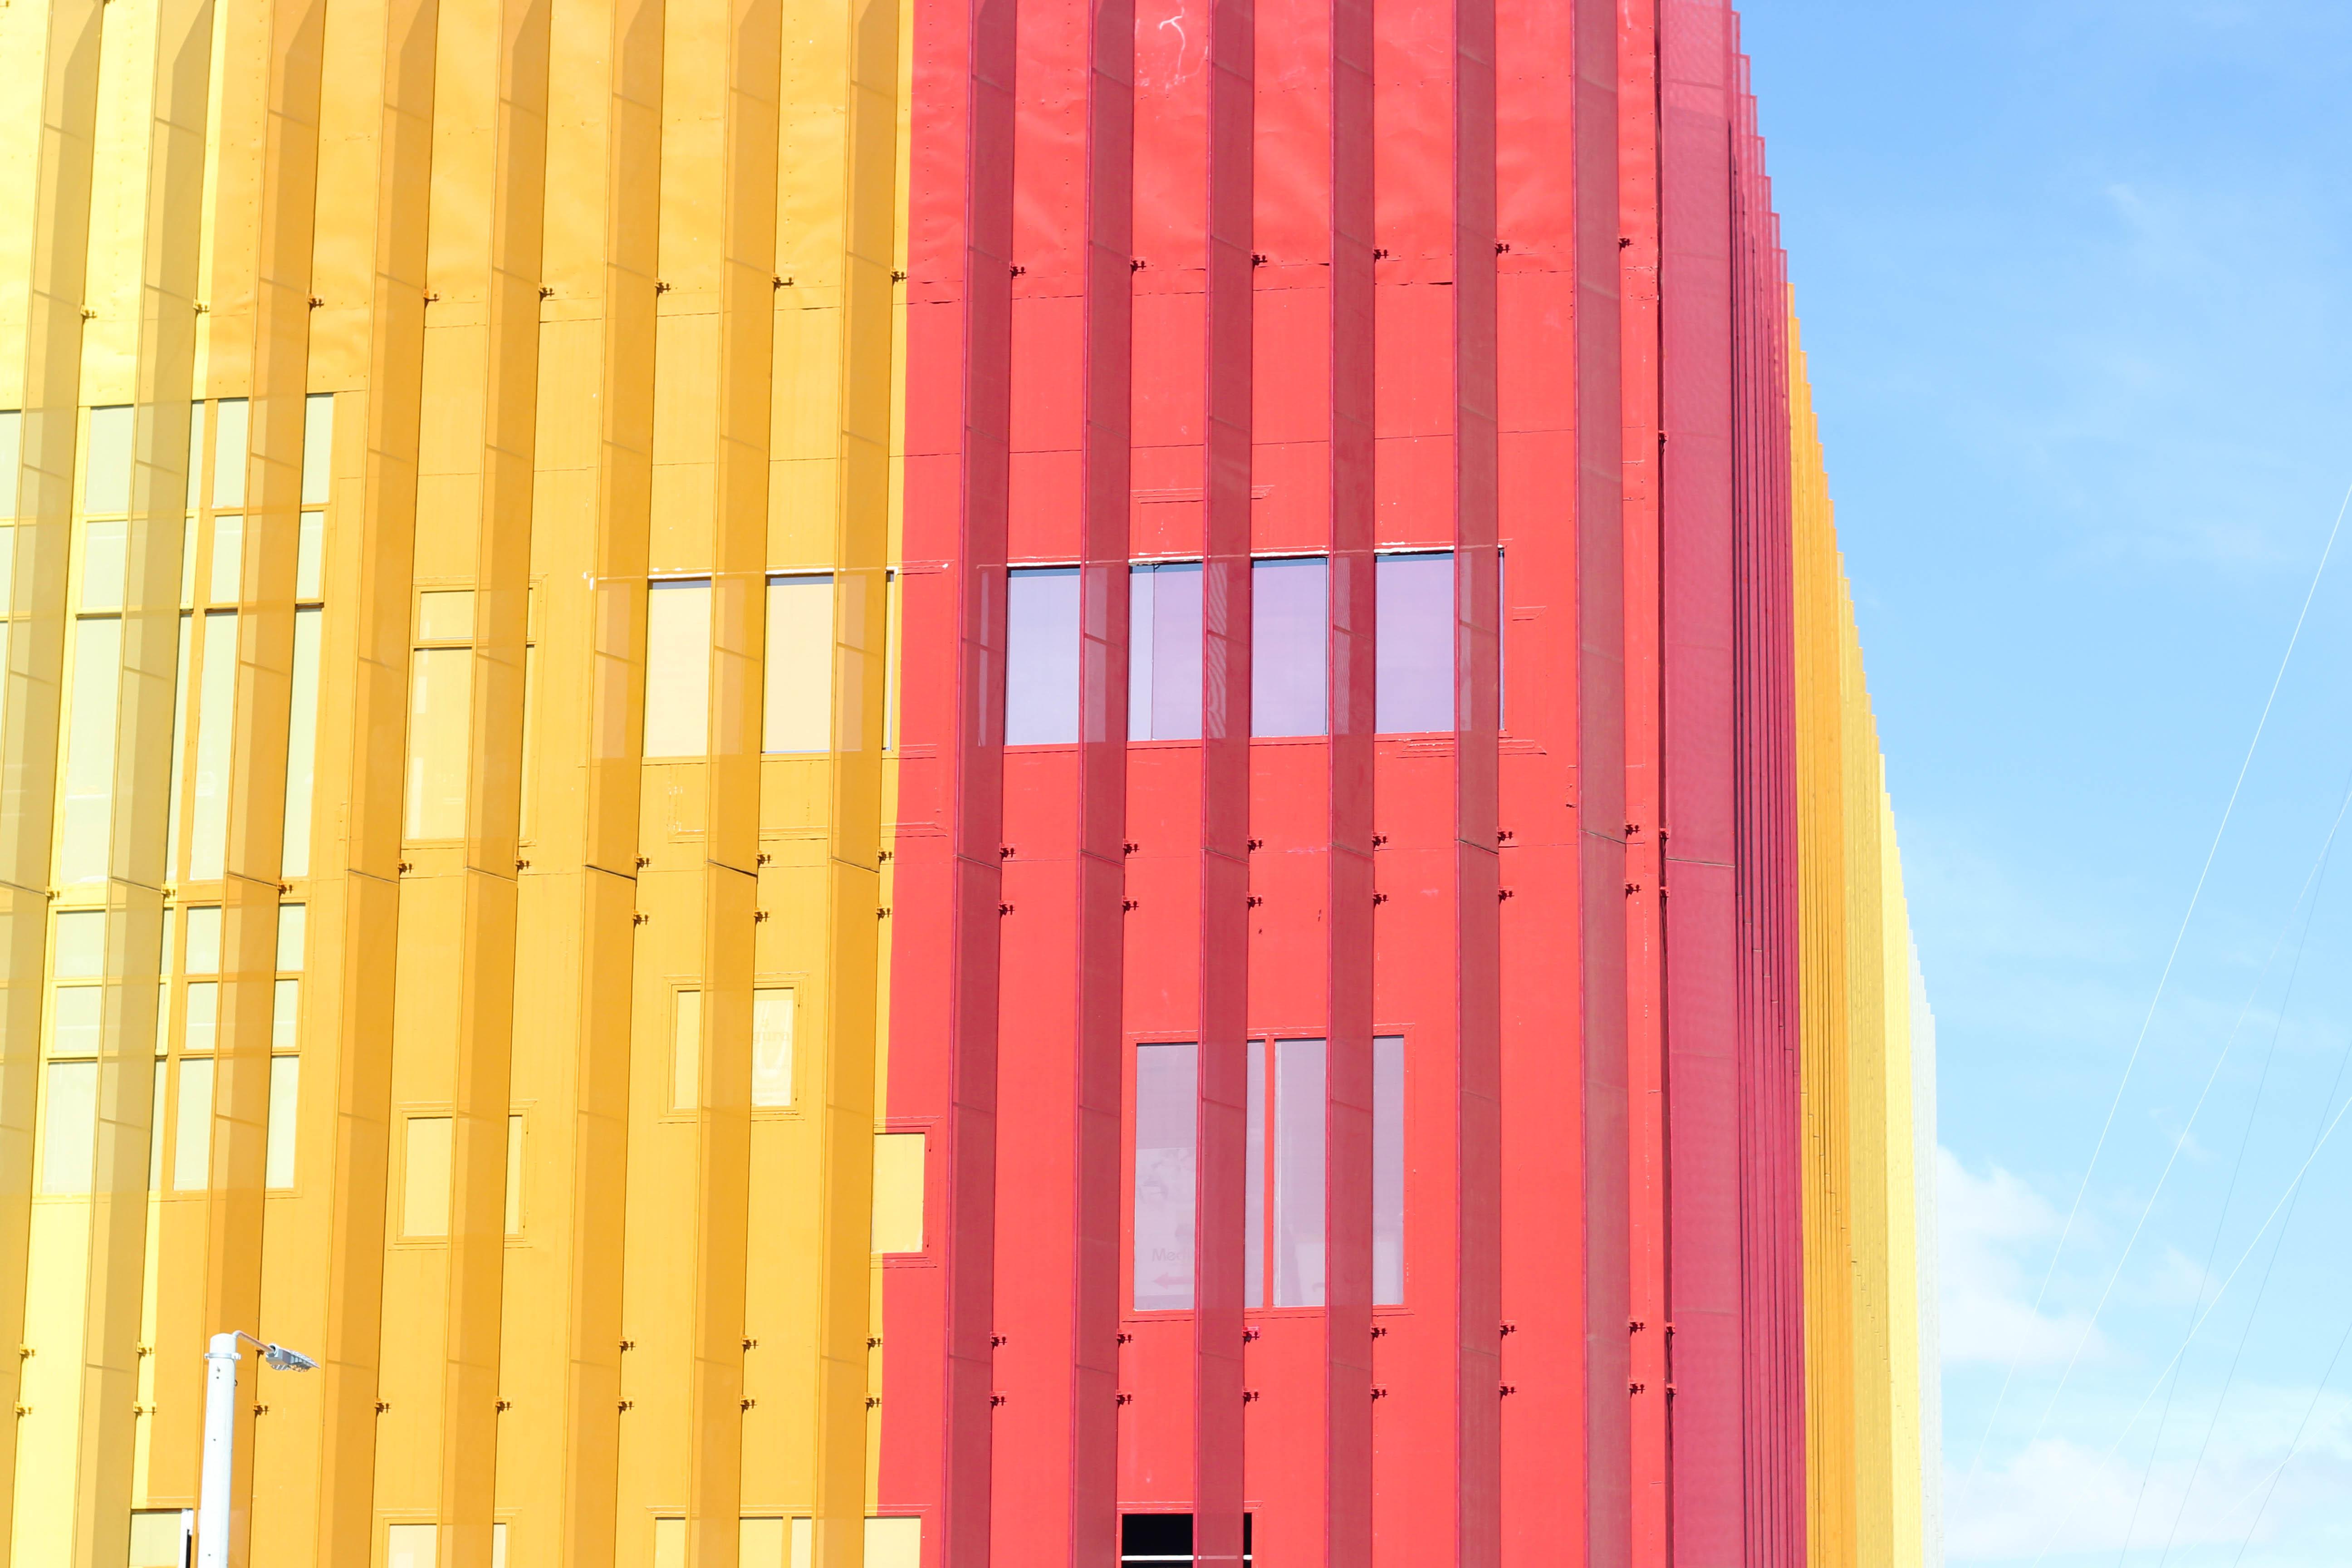 Moderne Stehlen Design kostenlose foto die architektur perspektive gebäude stehlen